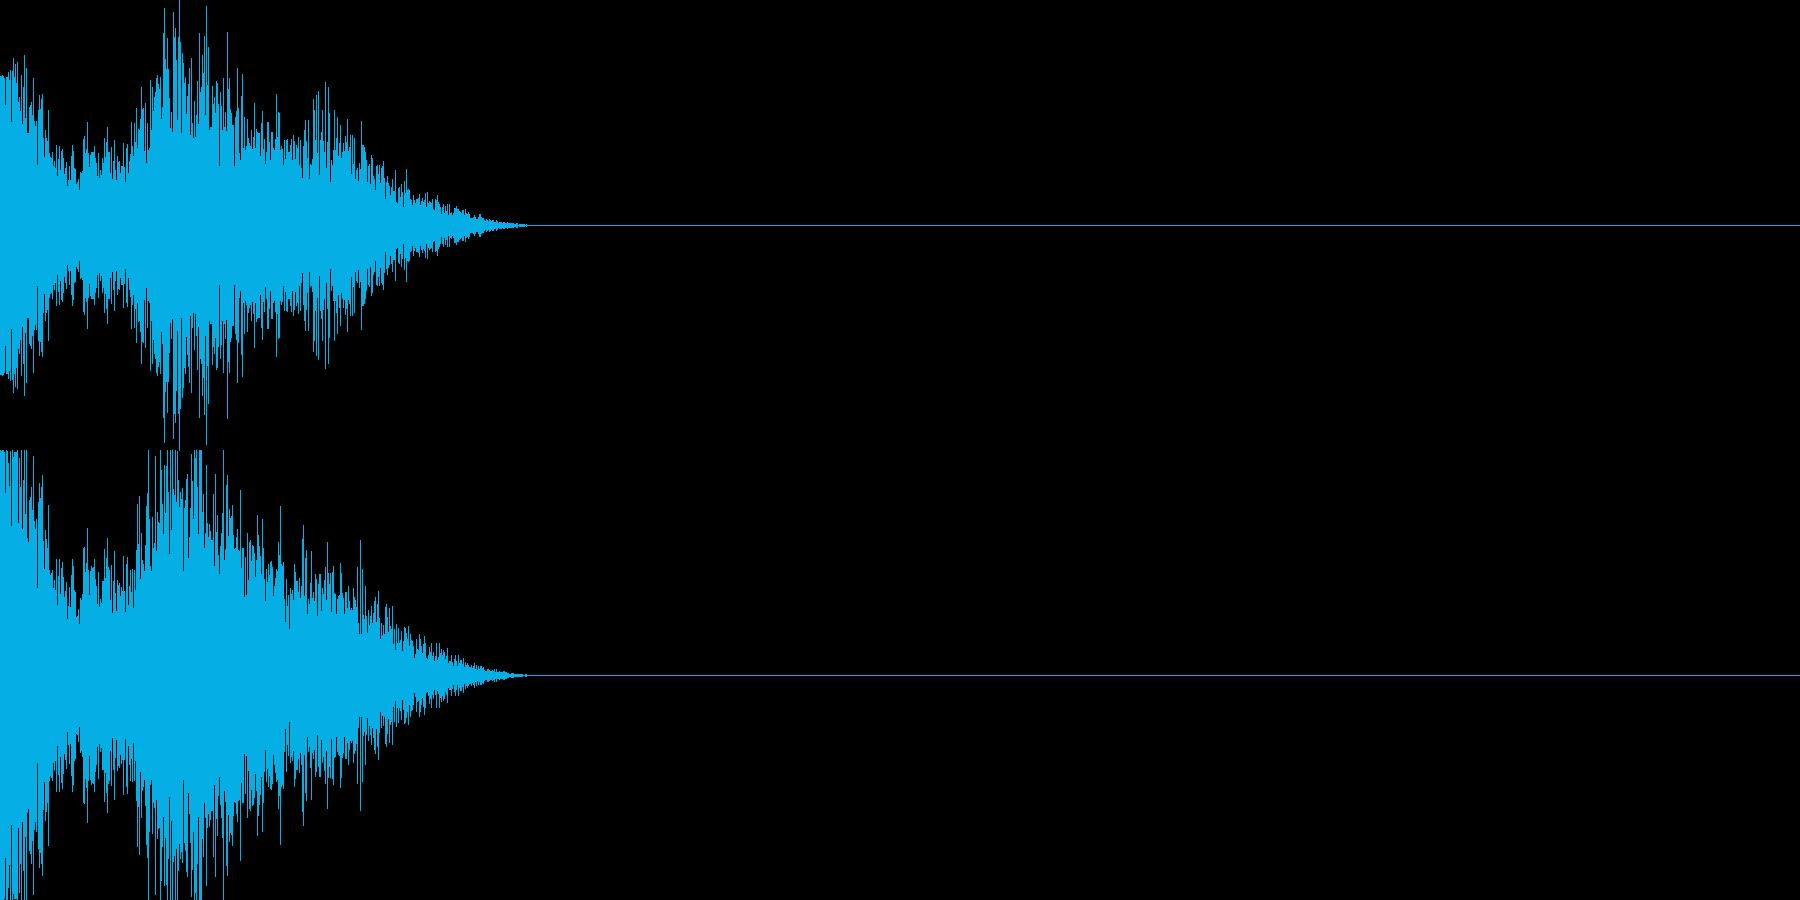 衝撃音01(弱め)の再生済みの波形